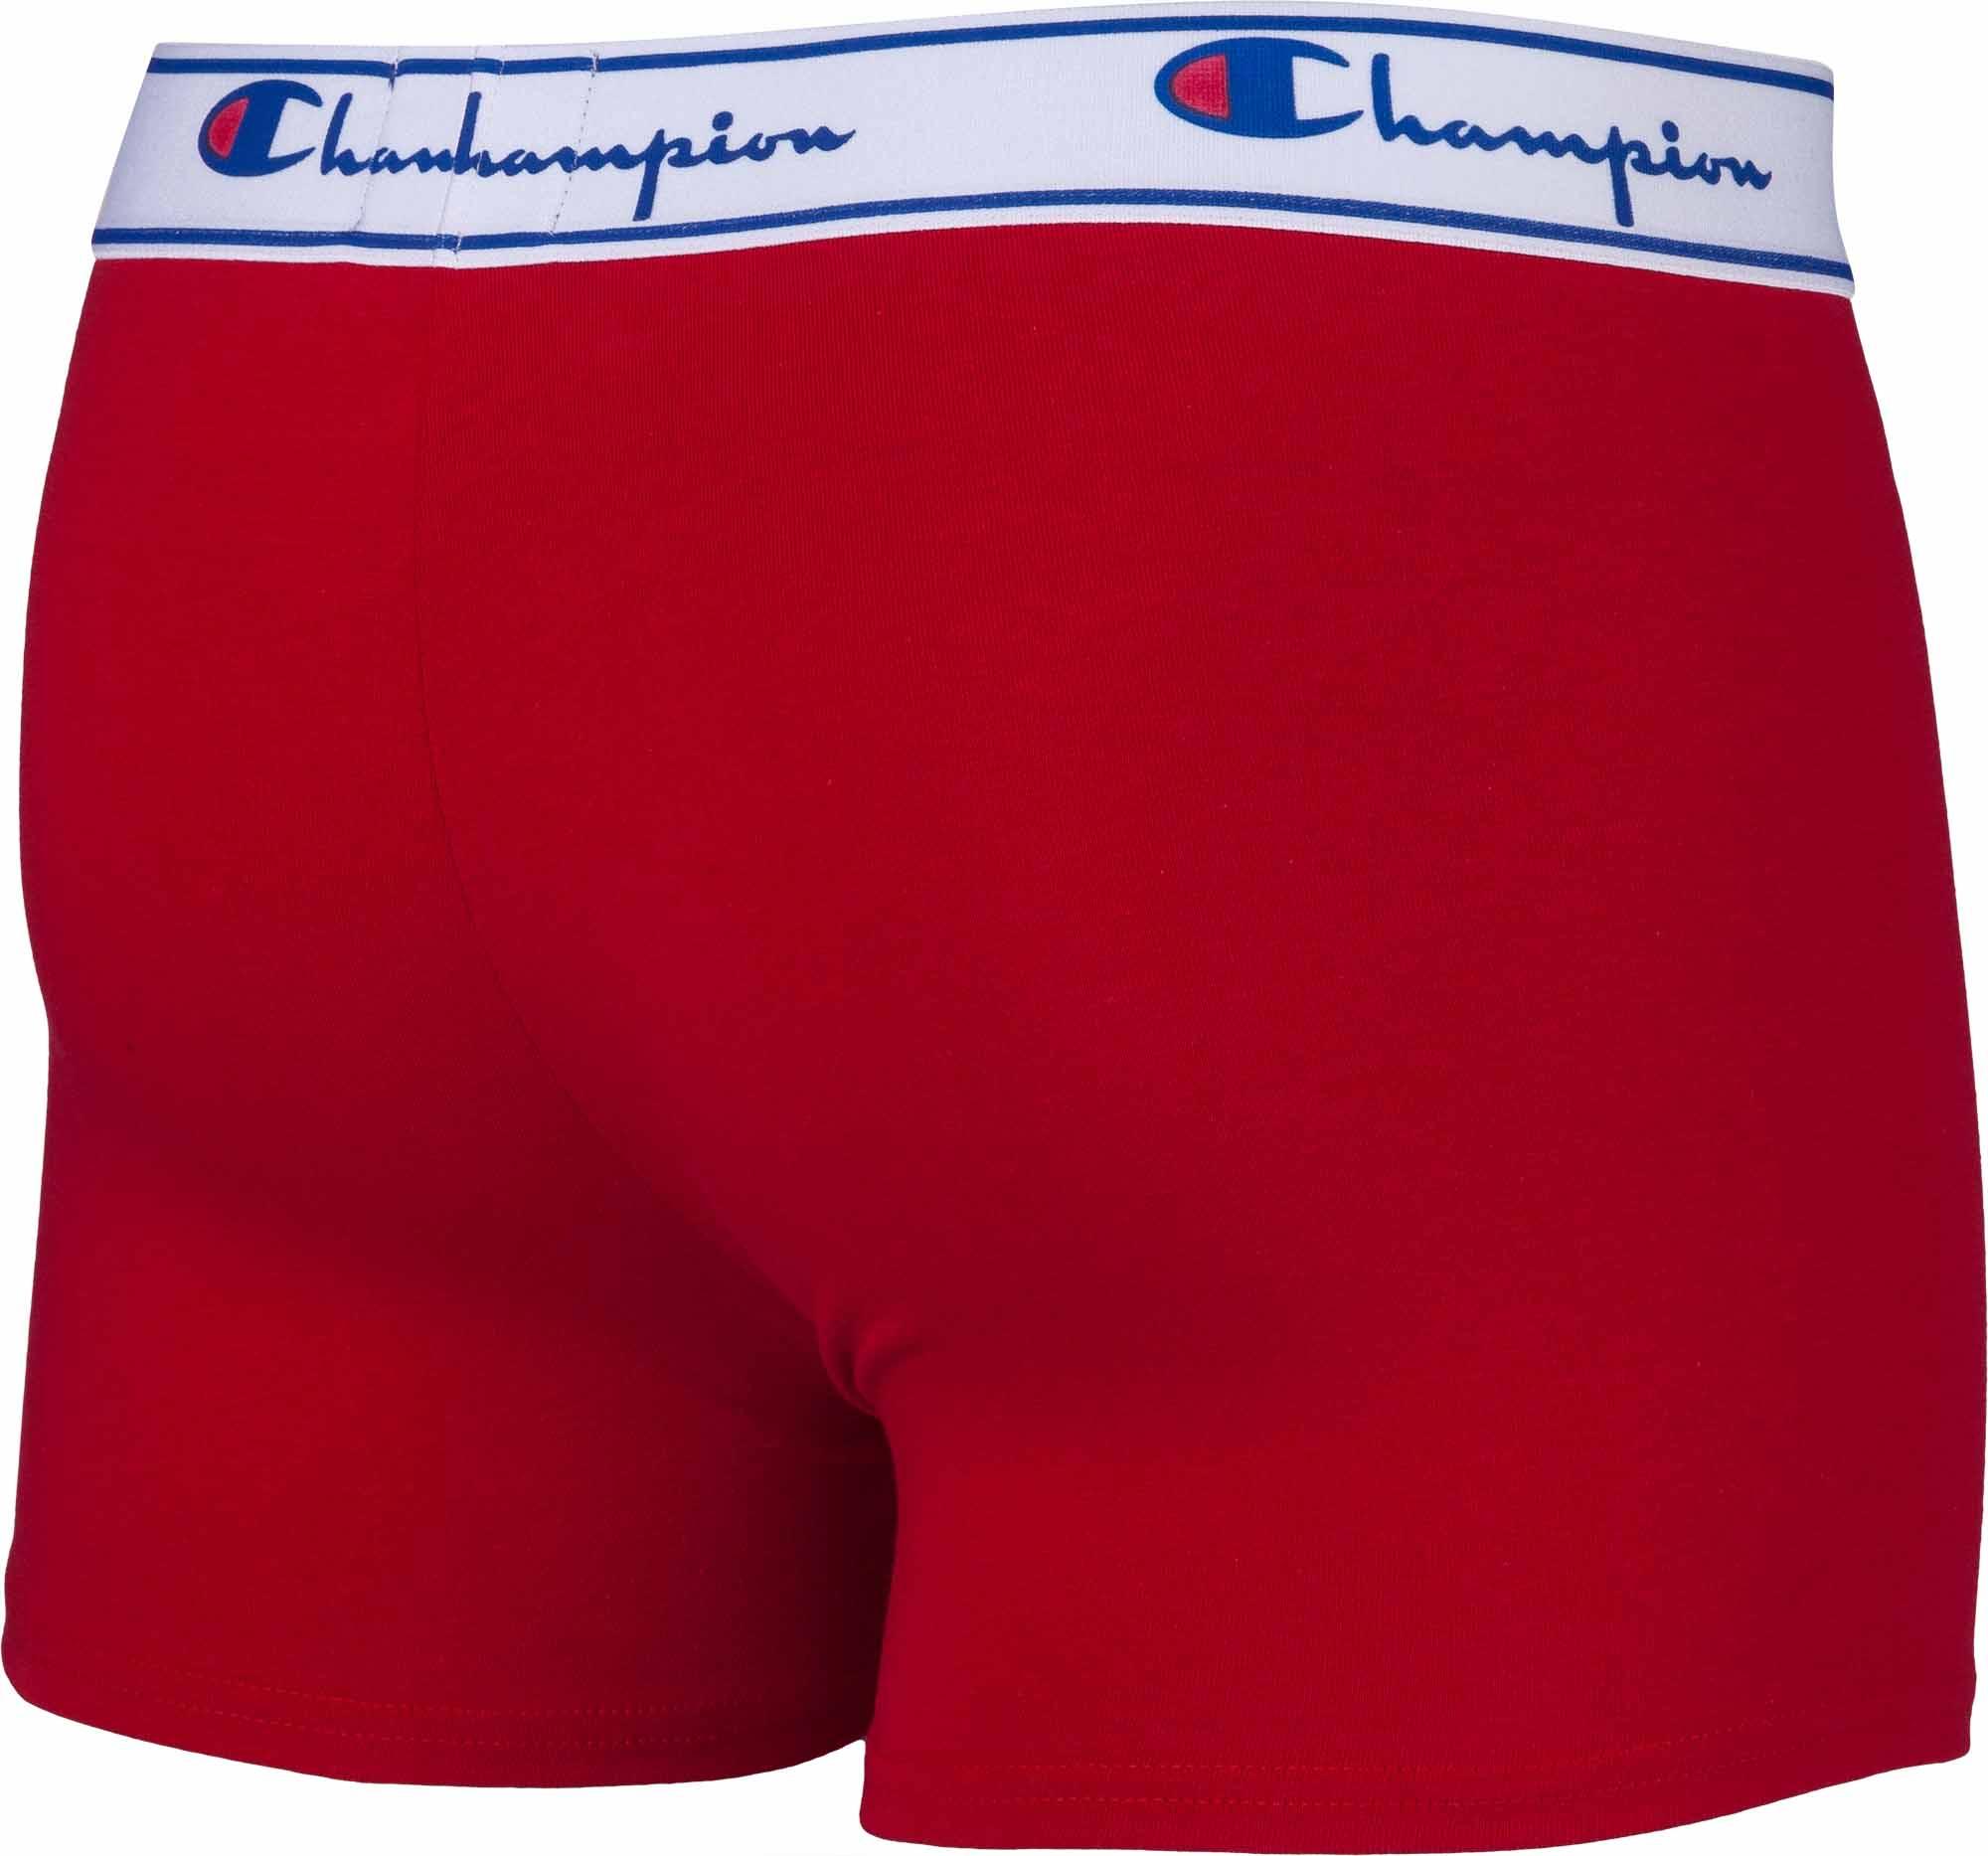 boxerky-champion-legacy-ch00081t-3-9fs--3-baleni4